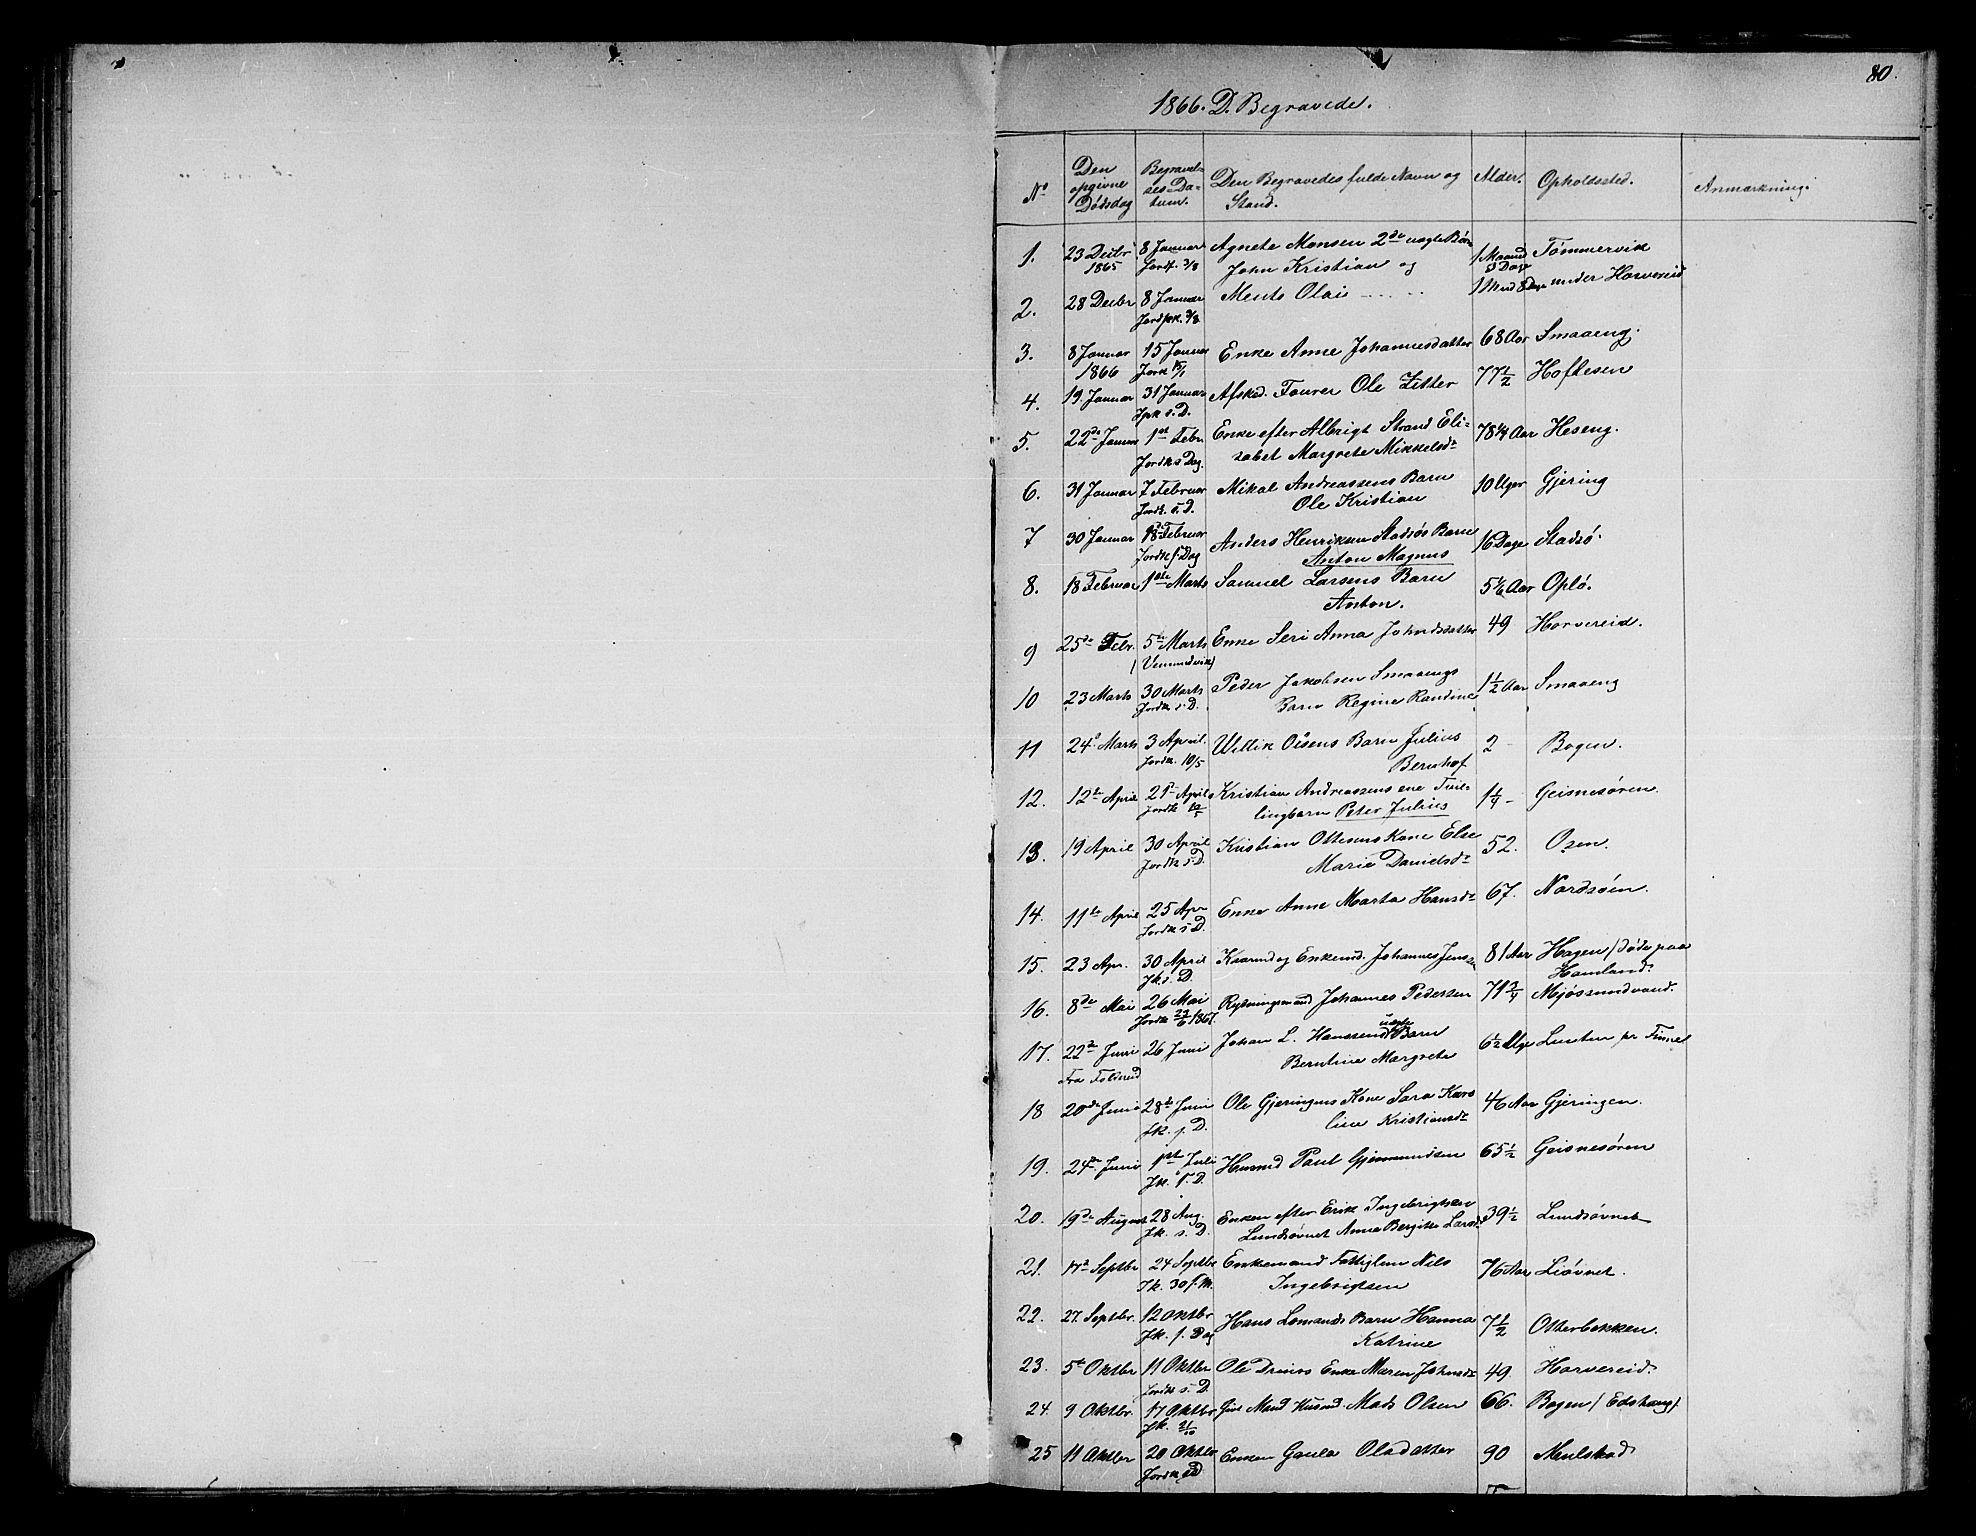 SAT, Ministerialprotokoller, klokkerbøker og fødselsregistre - Nord-Trøndelag, 780/L0650: Klokkerbok nr. 780C02, 1866-1884, s. 80